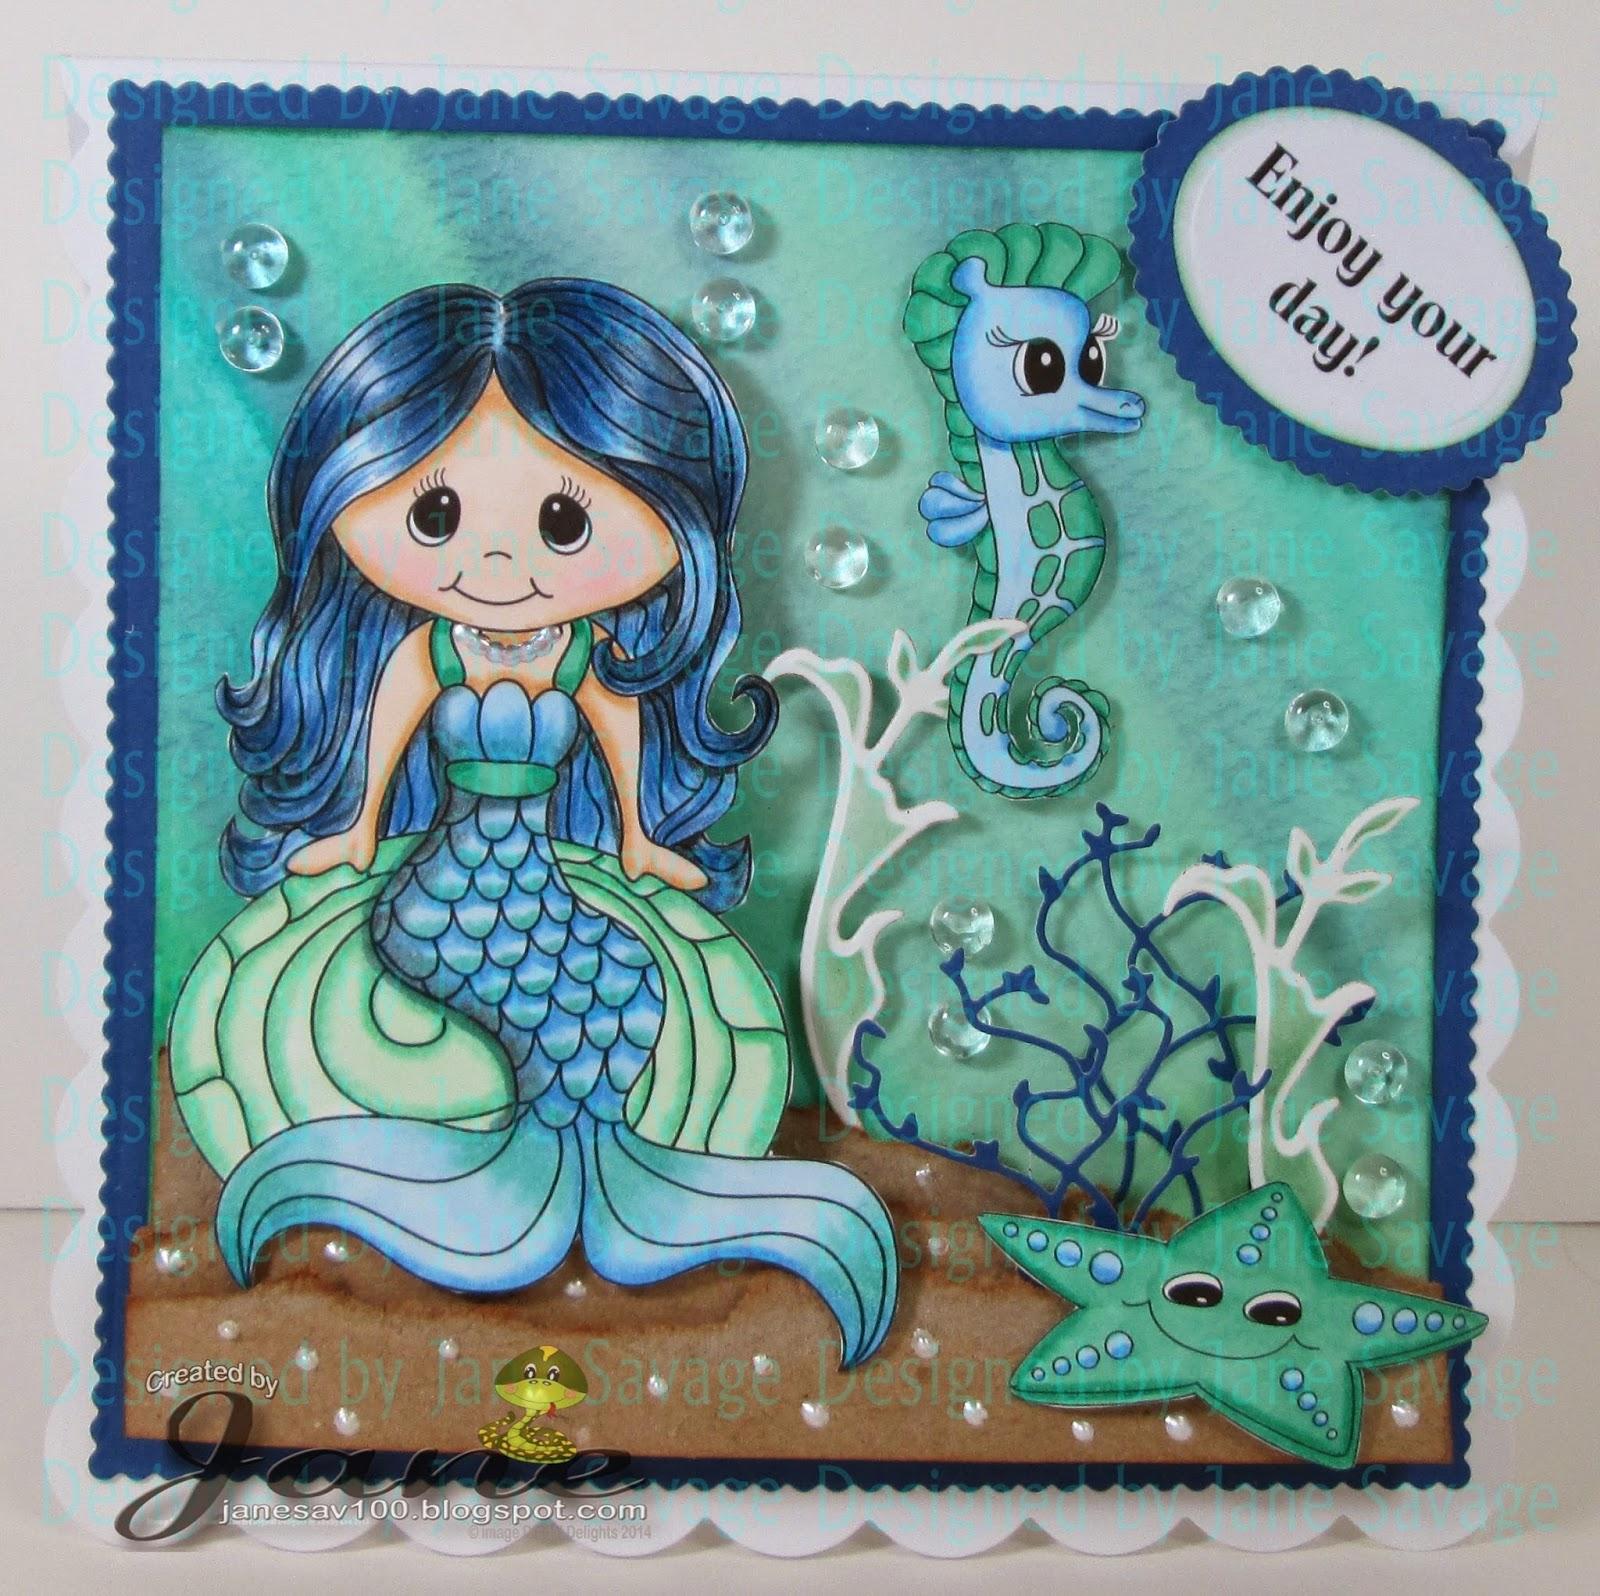 http://3.bp.blogspot.com/-kSEEceoHk0g/VTpI9l0jrjI/AAAAAAAAC-Q/w88Vla6p6Jo/s1600/Mermaid%2B002.JPG